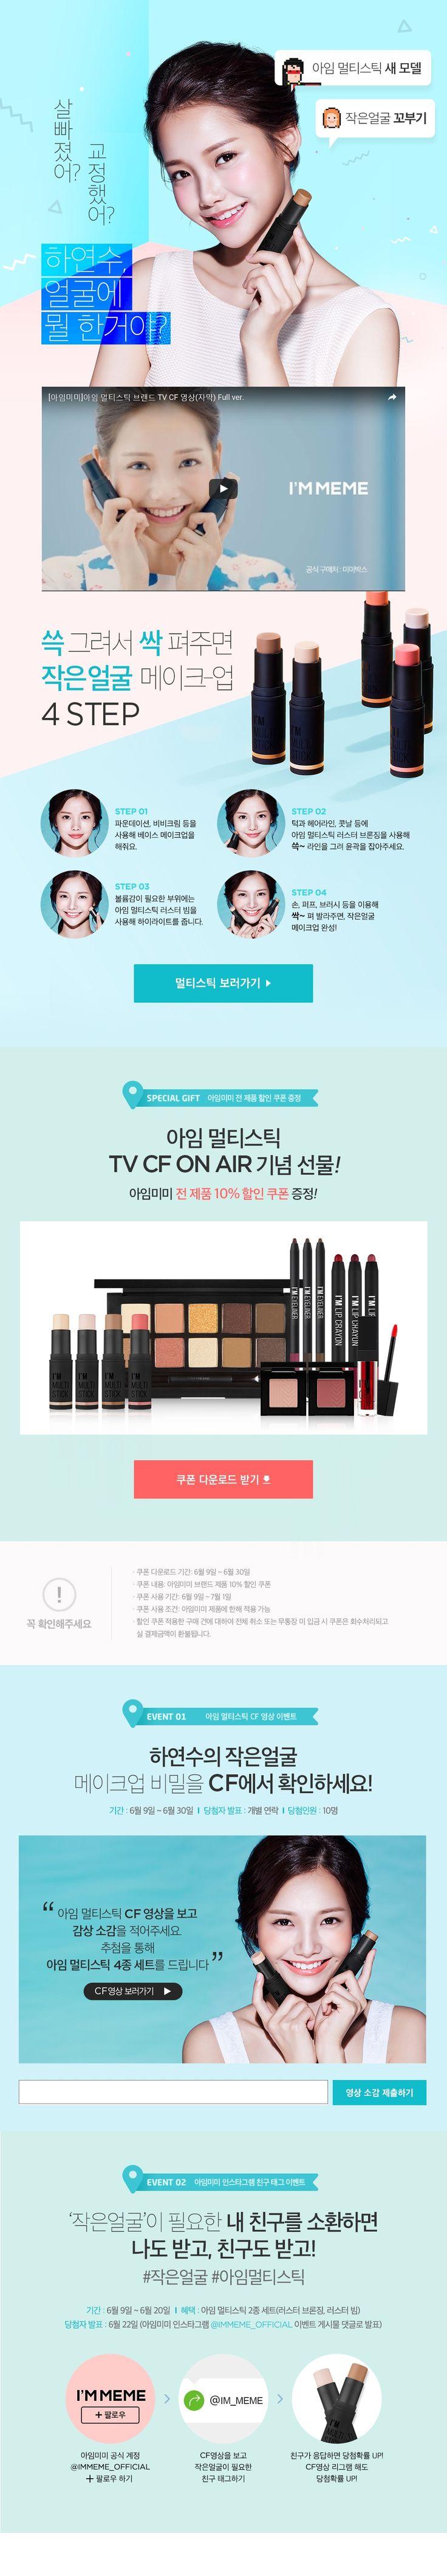 아임미미 - 아임멀티스틱 (하연수,이벤트 페이지, 프로모션 디자인) #promotion #korea #beauty